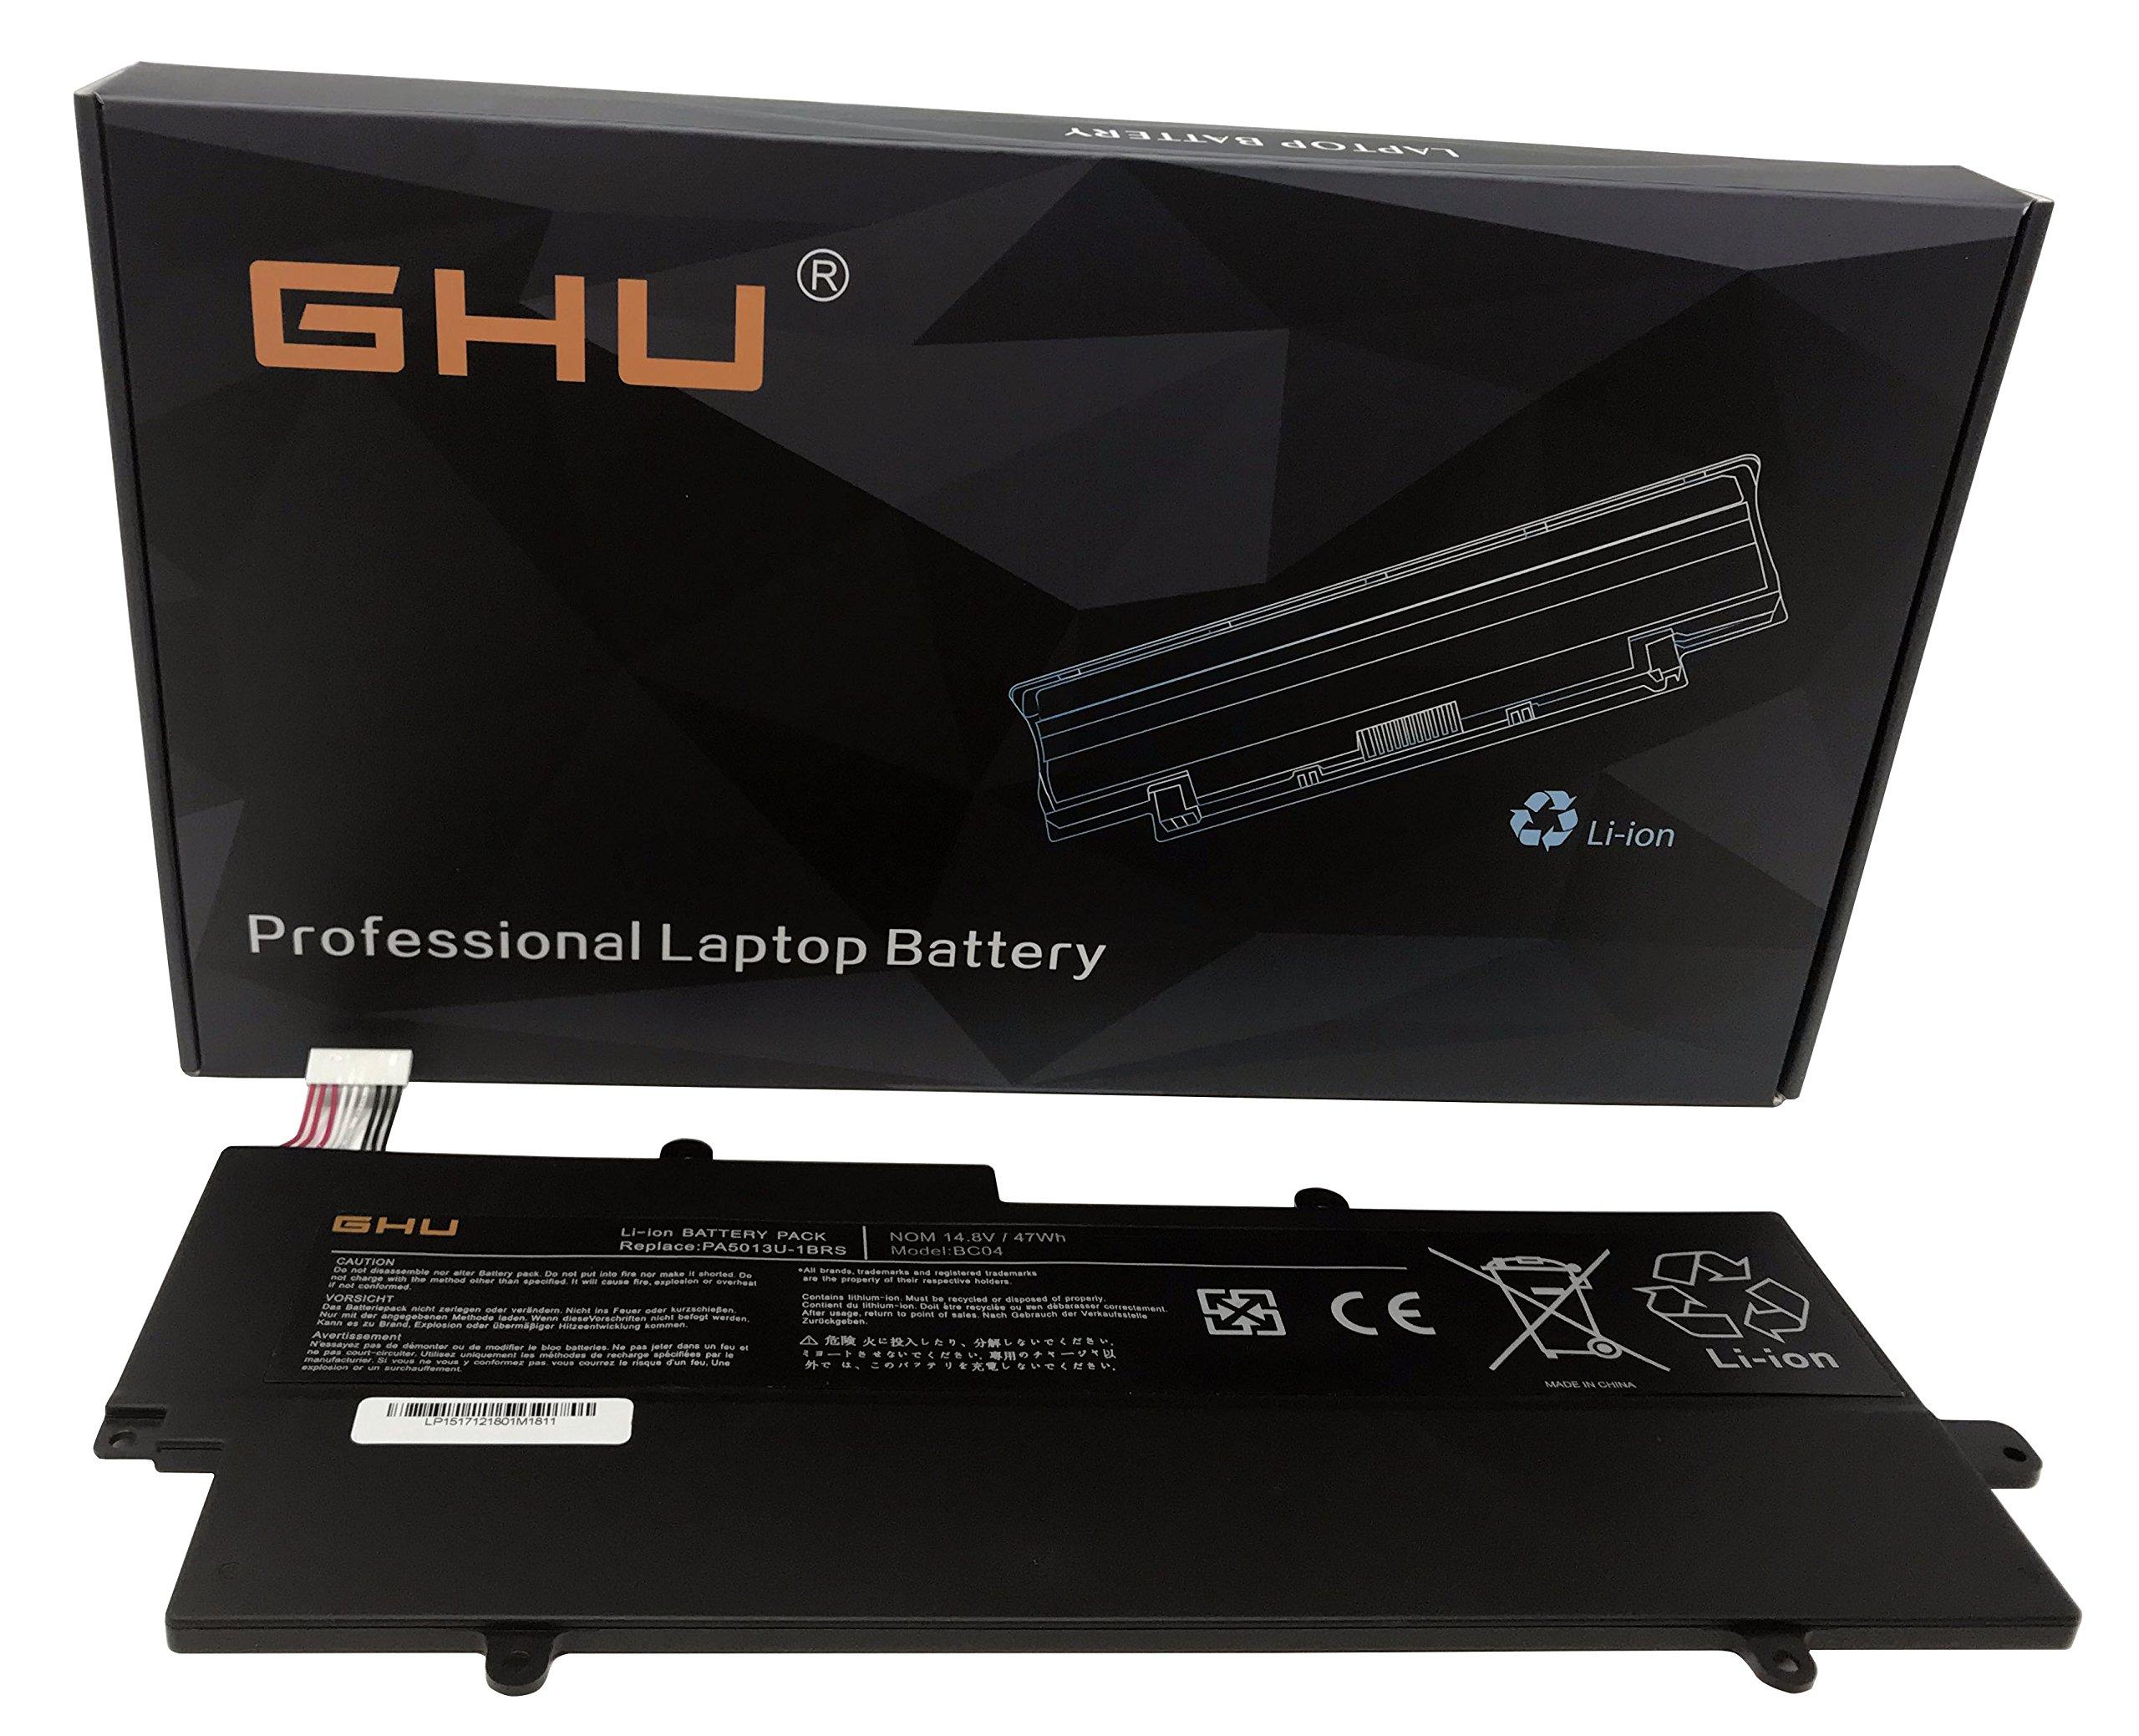 Bateria GHU PA5013U-1BRS para Toshiba Portege Z830 UltraBook Series Z830-10P Z830-BT8300 Z830-S8301 Z830-S8302 Z835 Z930